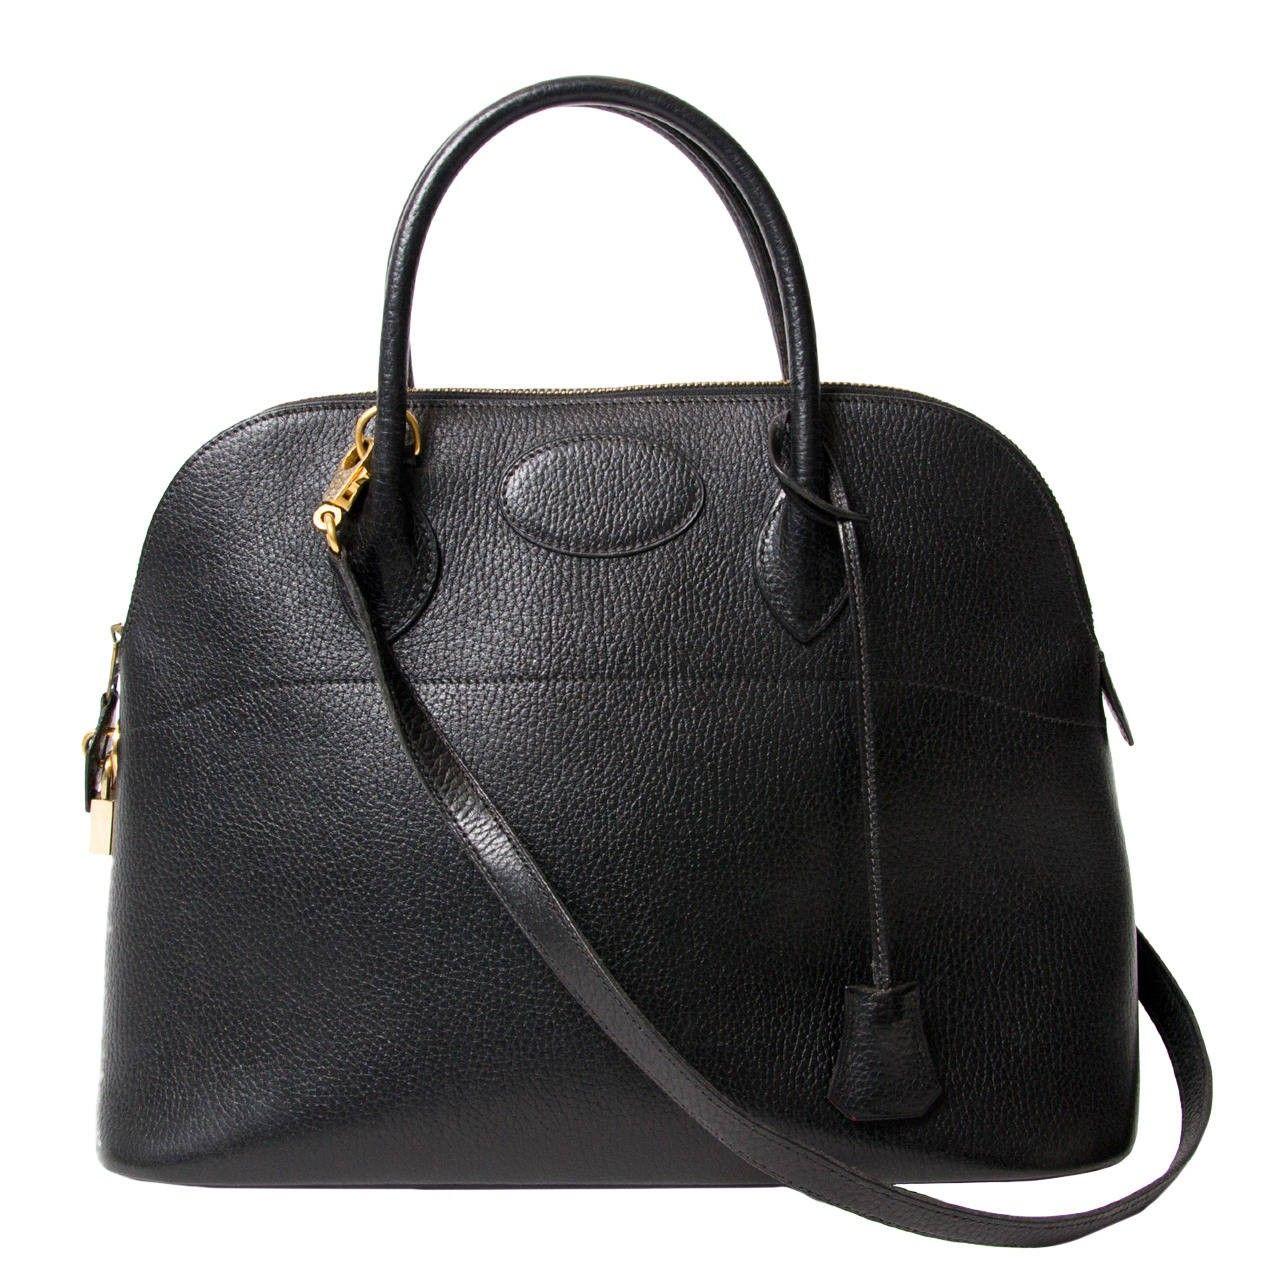 6fd6ece638b4c Hermes Bolide 35 Black Top Handle Shoulder Strap Bag GHW